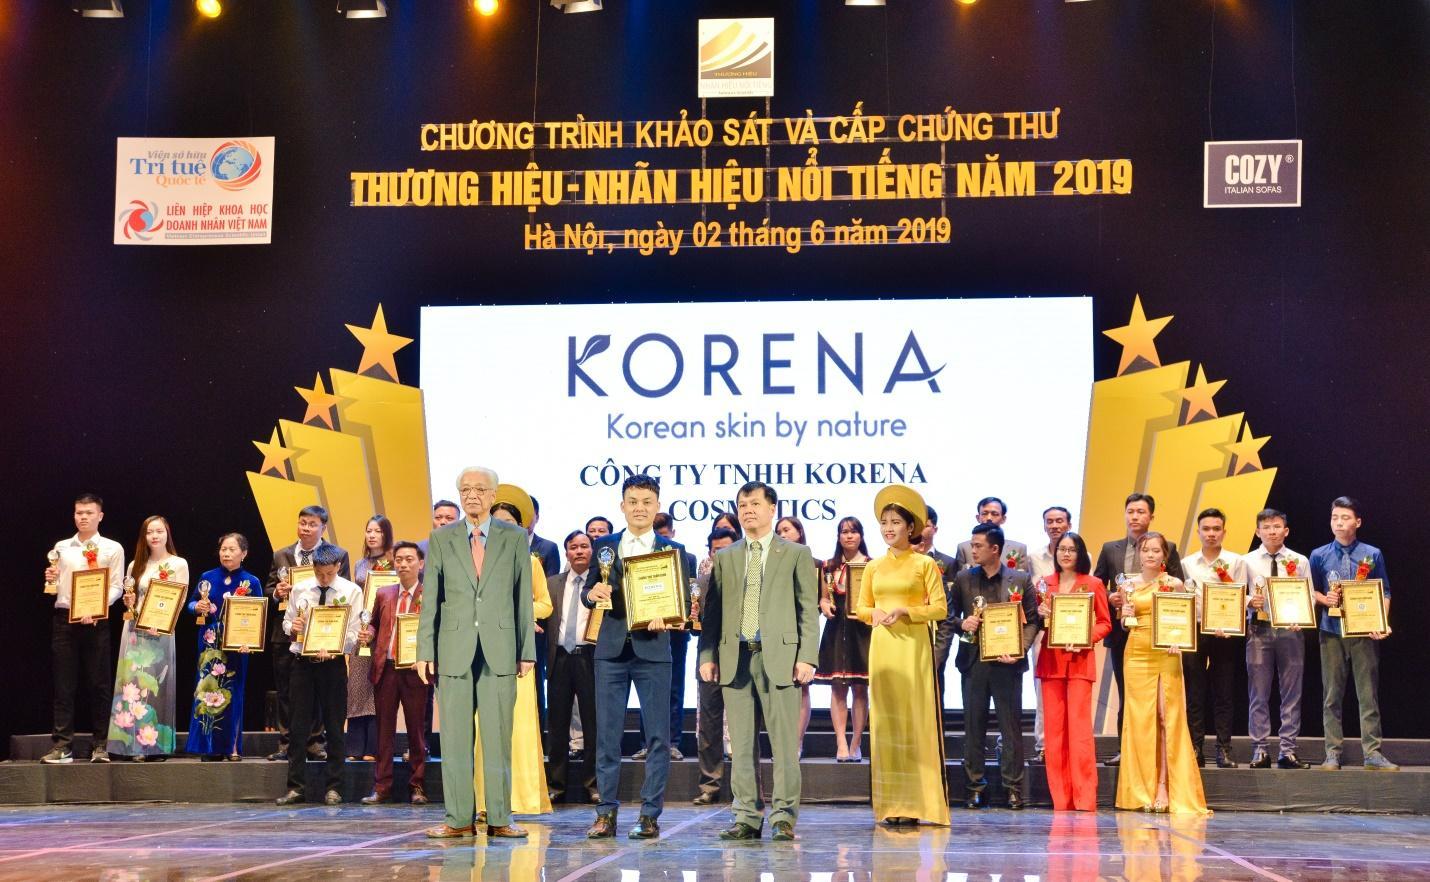 Mỹ phẩm Korena lên sóng đài truyền hình VTC6 tại sự kiện trao giải Thương Hiệu - Nhãn Hiệu Nổi Tiếng 2019 - Ảnh 4